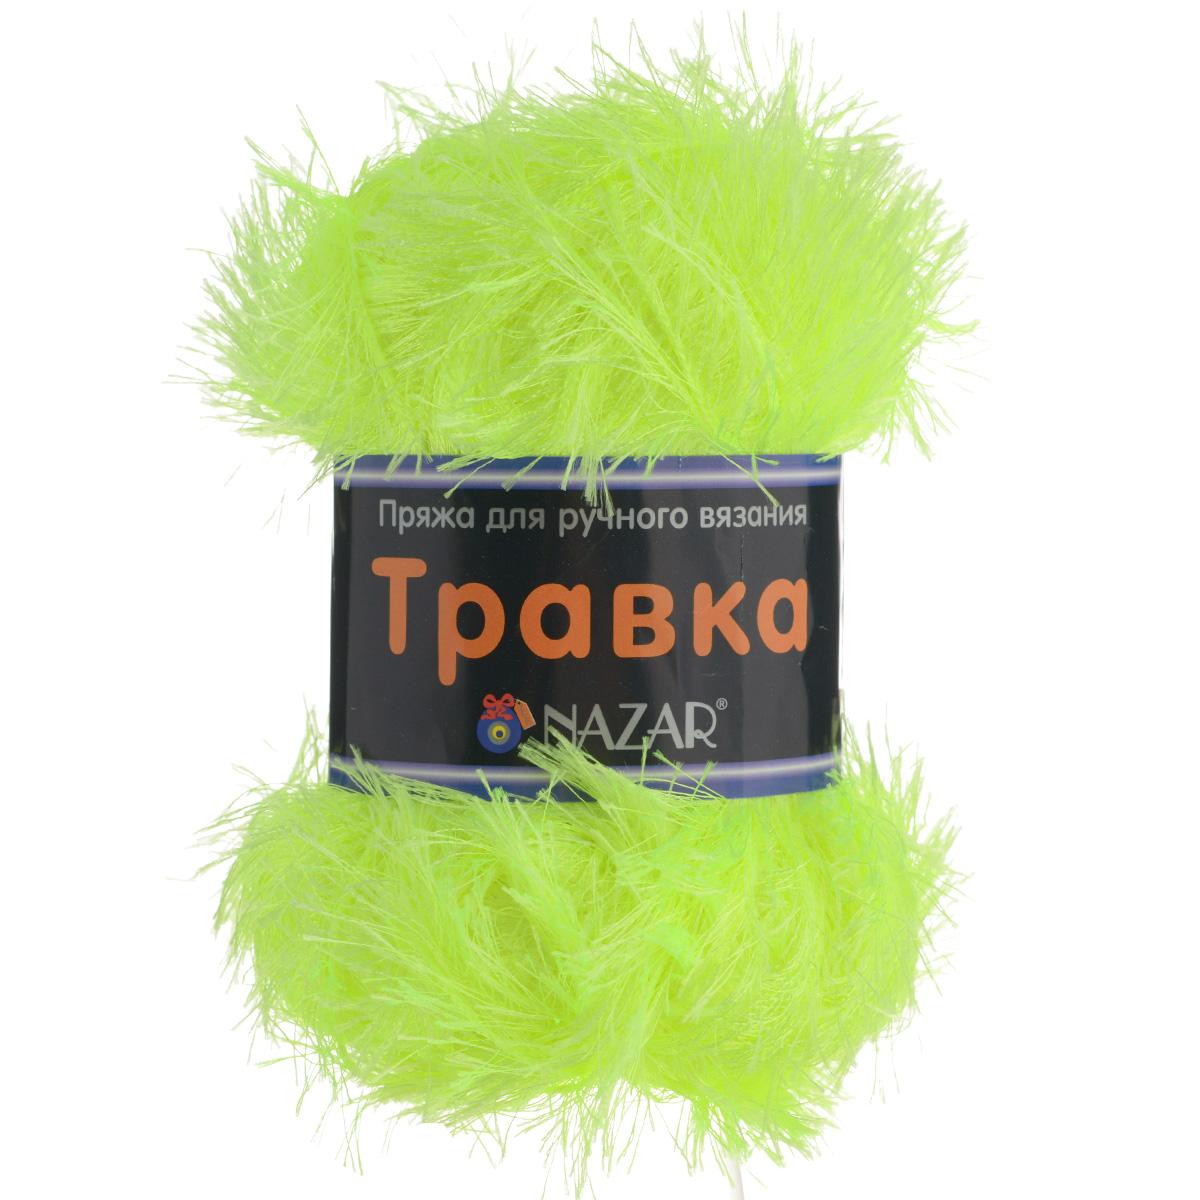 Пряжа для вязания Nazar Травка, цвет: салатовый неон (2013), 150 м, 100 г, 5 шт349001_2013Пряжа для вязания Nazar Травка изготовлена из 100% полиэстера. Это - пряжа с ворсом. Изделия выглядят как меховые, на ощупь очень мягкие и шелковистые. Полотно выглядит пушистым с обеих сторон. Из такой пряжи великолепно получаются коврики и пледы, чехлы для мебели, декоративные наволочки и игрушки, шарфы и палантины. Подходит для вязания на спицах и крючках 4 мм. Состав: 100% полиэстер. Толщина нити: 1,5 мм.